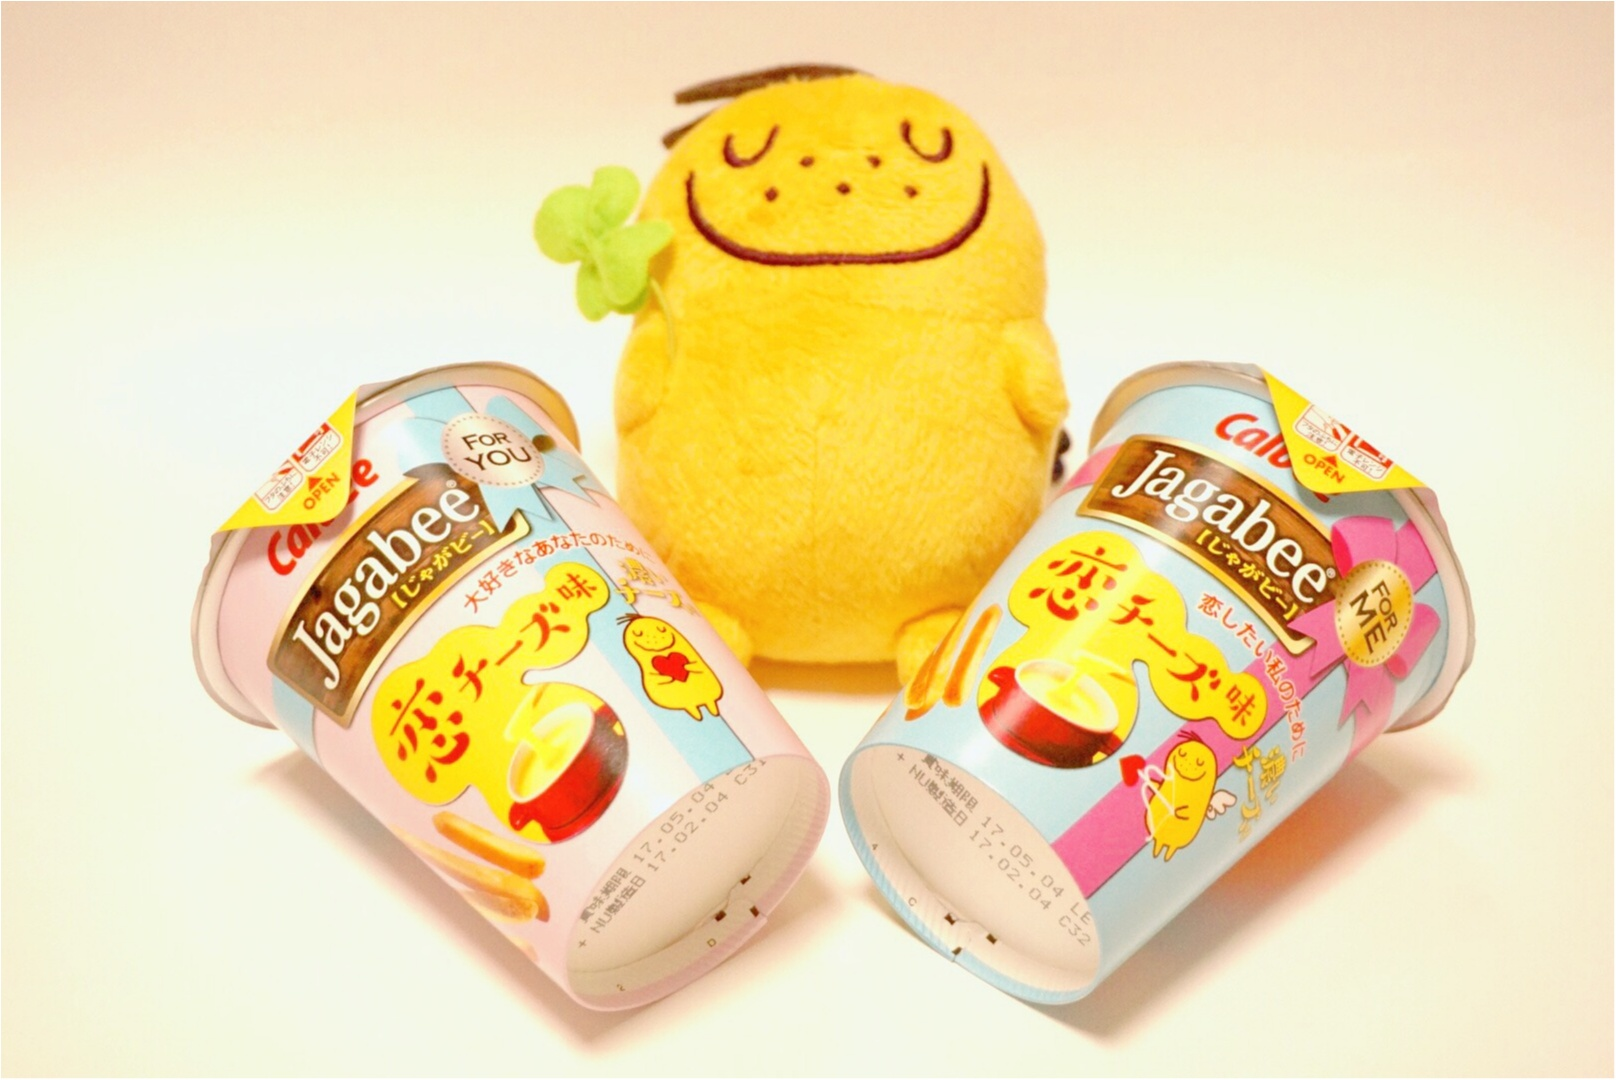 《とろけるような恋がしたい♡》セブン&アイグループ限定‼︎大人気菓子【Jagabee】の新商品は『恋チーズ』味♪_1